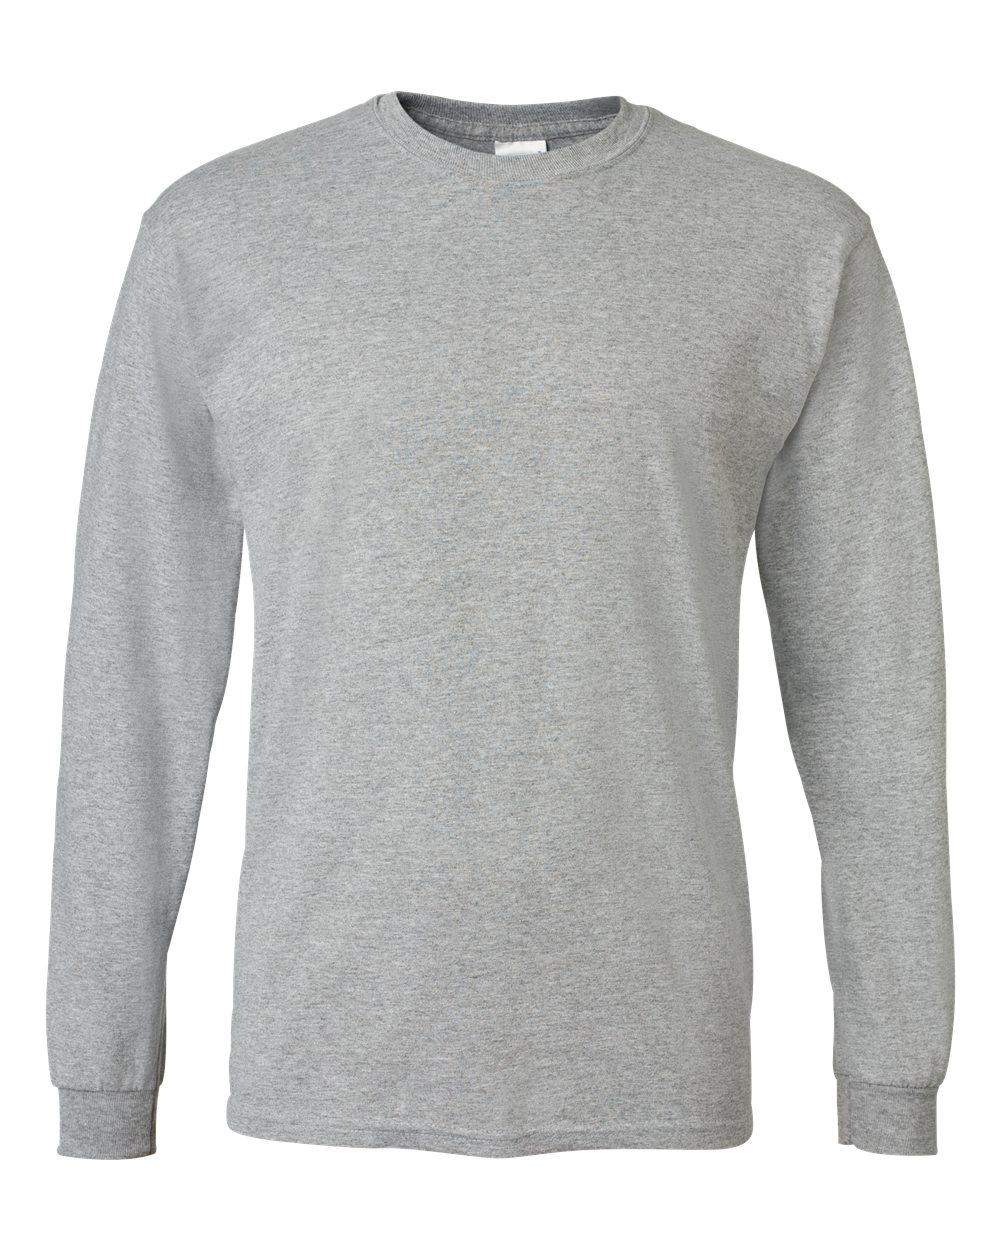 Gildan-Mens-Blank-DryBlend-50-50-Cotton-Long-Sleeve-T-Shirt-8400-up-to-3XL miniature 45